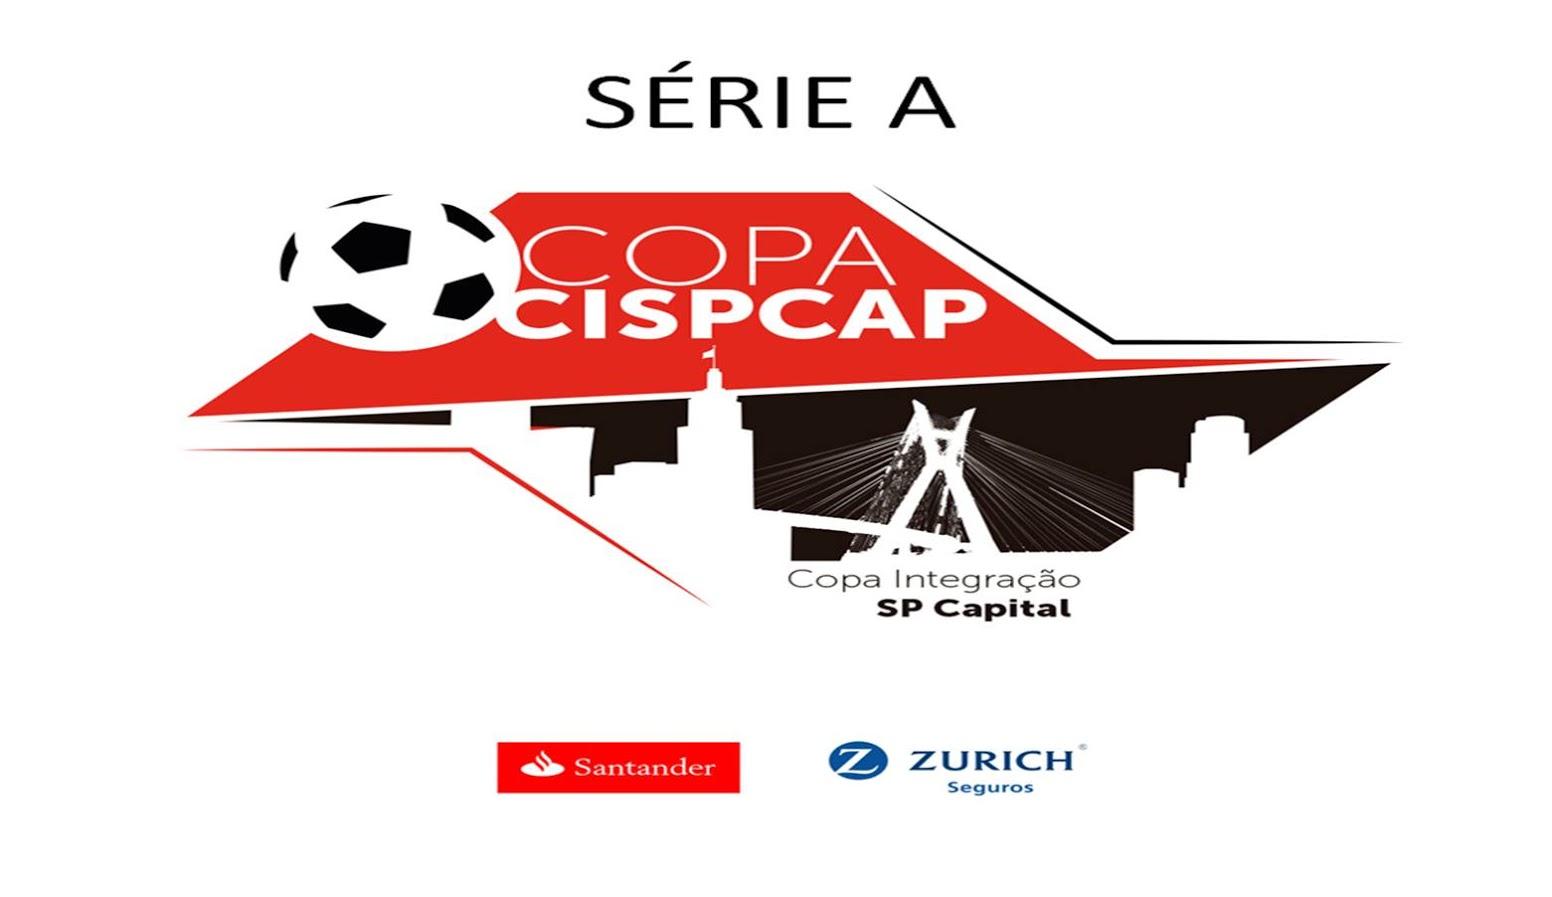 2ª CISPCAP Santander Zurich - Série A